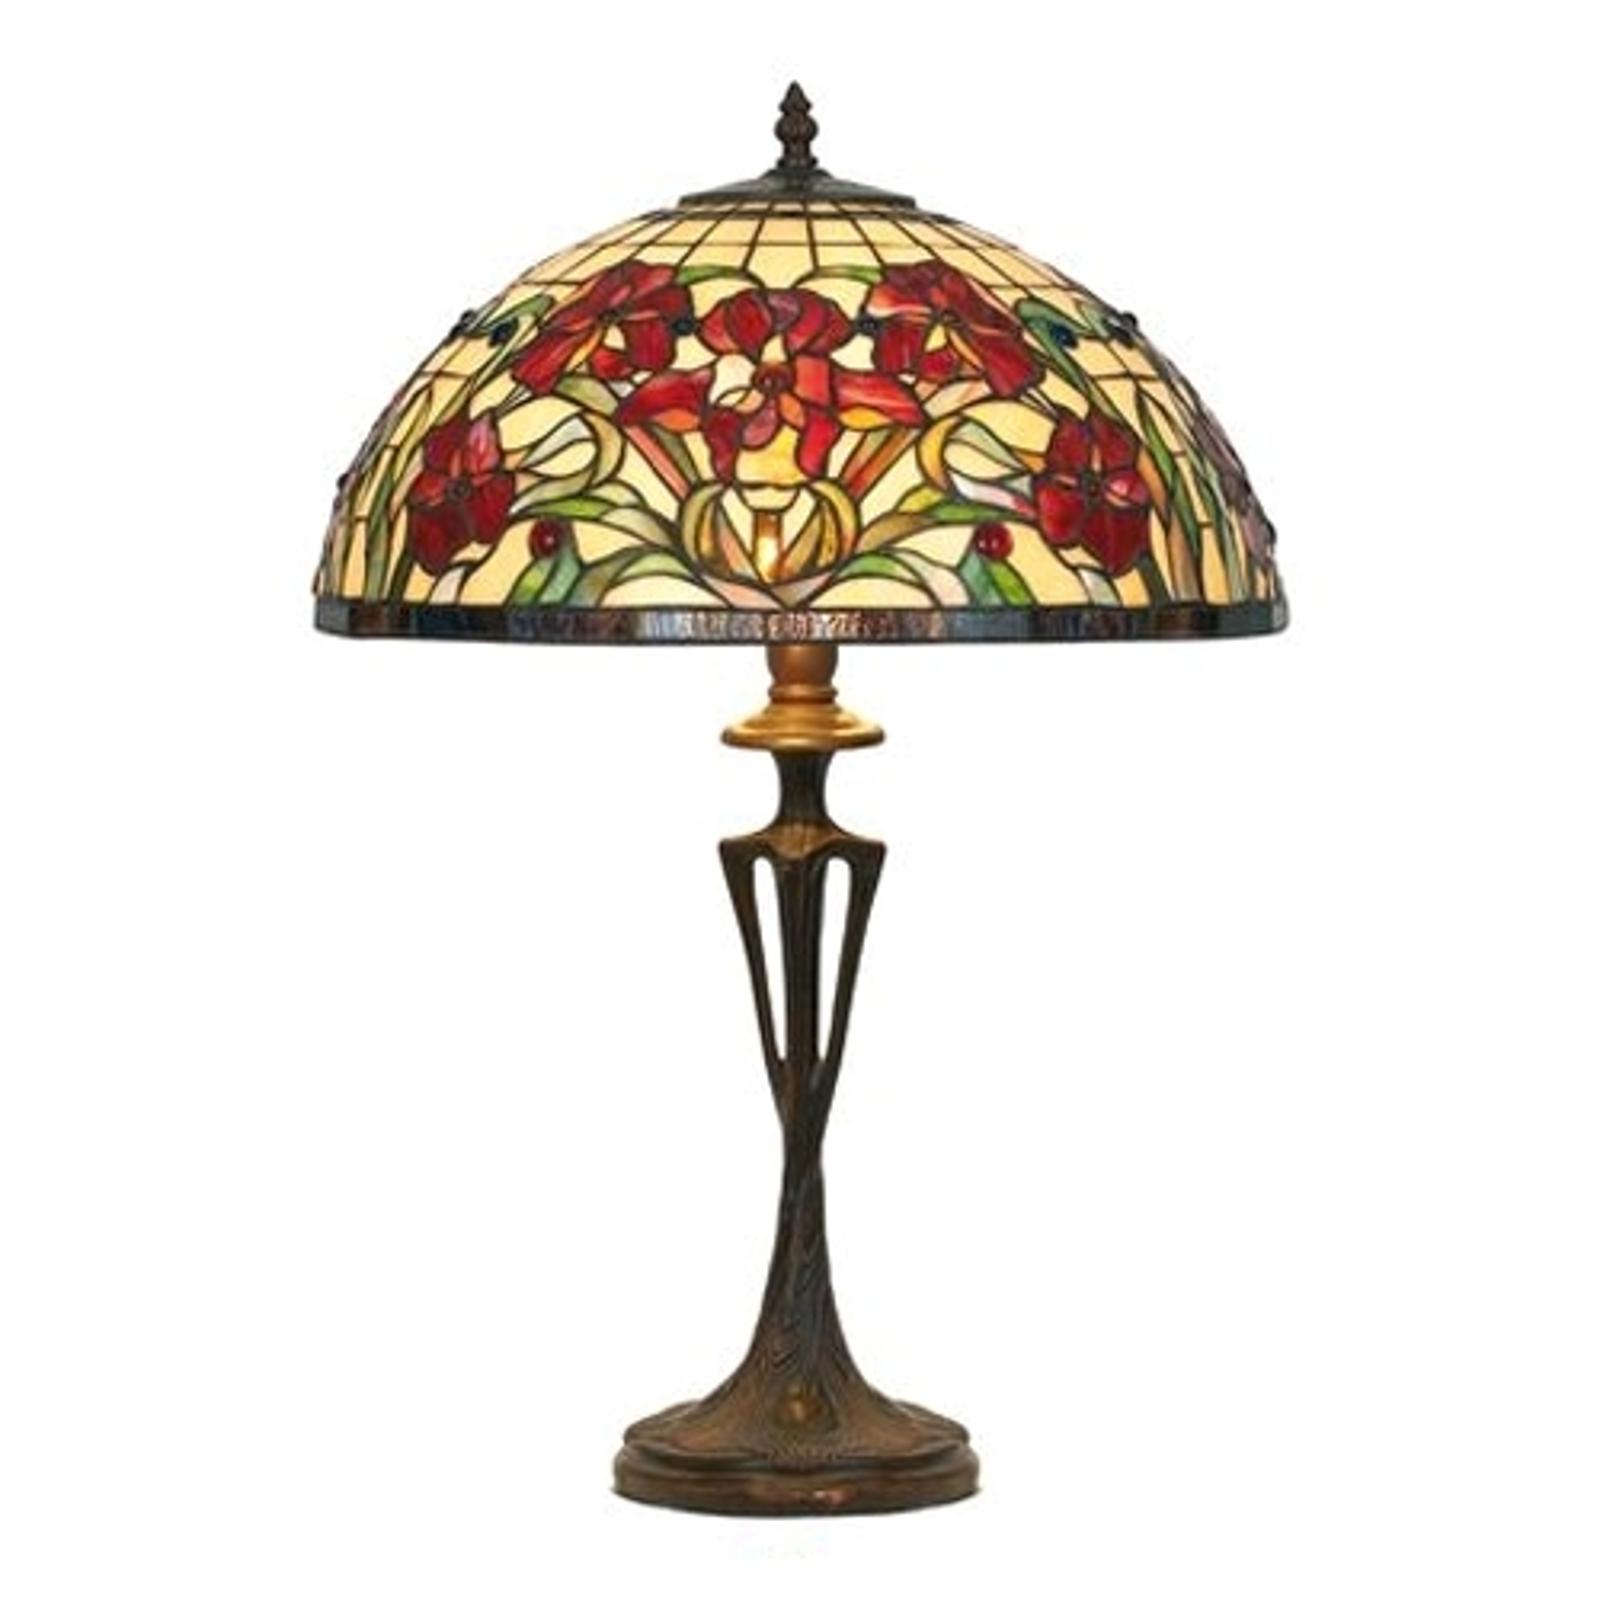 Lampada da tavolo Eline in stile Tiffany